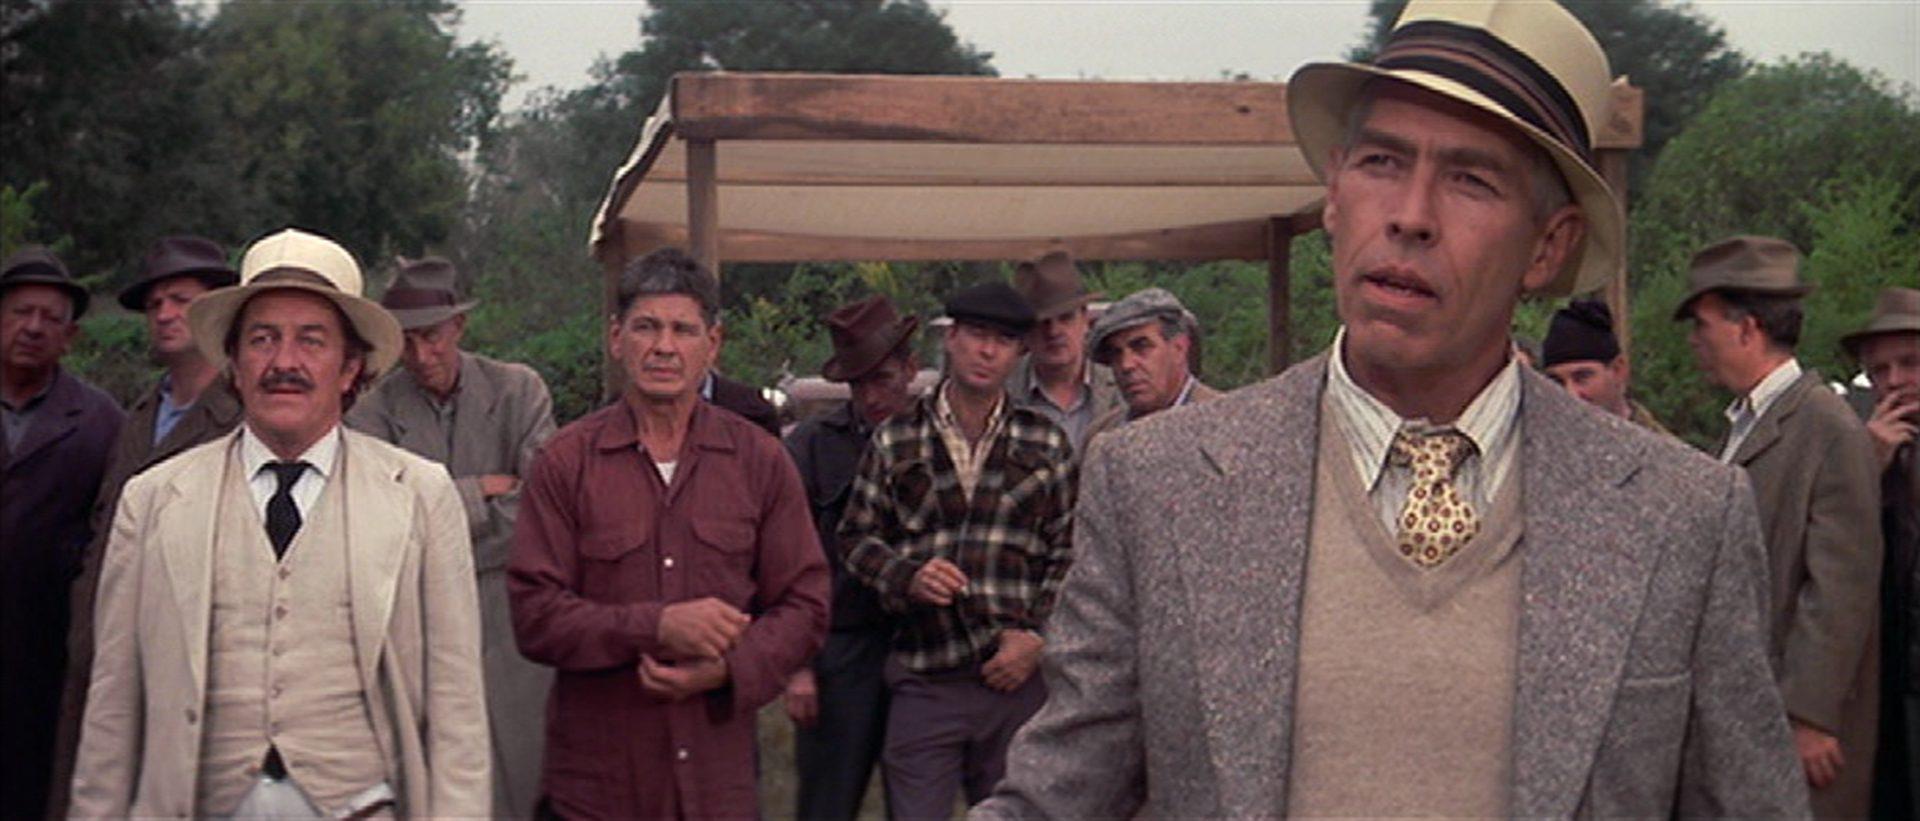 Im Vordergrund James Coburn in selbstbewusster Pose als Speed, im Hintergrund Strother Martin als Arzt und Charles Bronson als Faustkämpfer in skeptischer Warteposition.